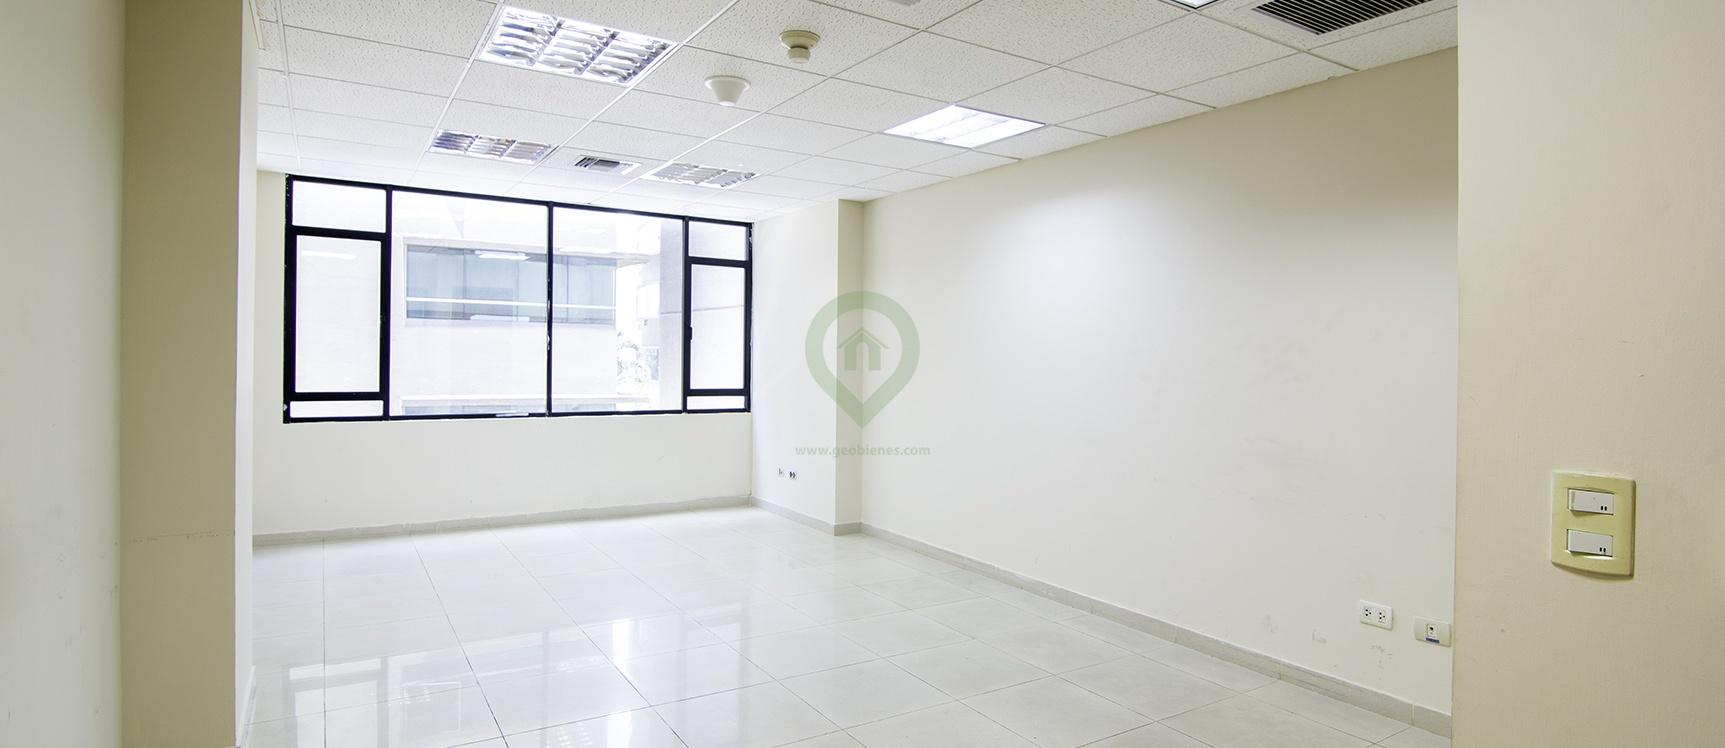 GeoBienes - Oficina en alquiler en Professional Center norte de Guayaquil - Plusvalia Guayaquil Casas de venta y alquiler Inmobiliaria Ecuador